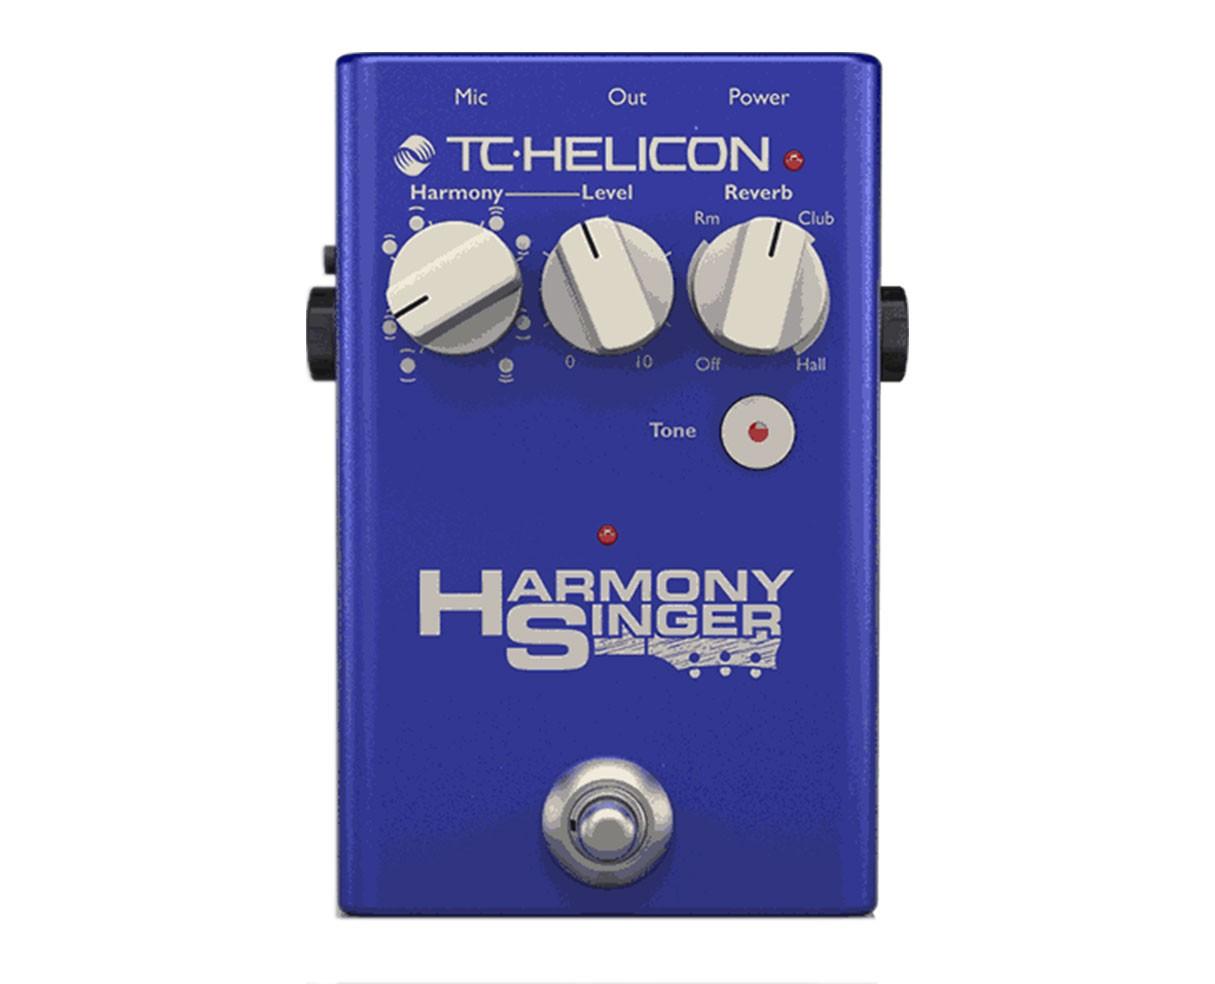 TC Helicon Harmony Singer 2 - Used